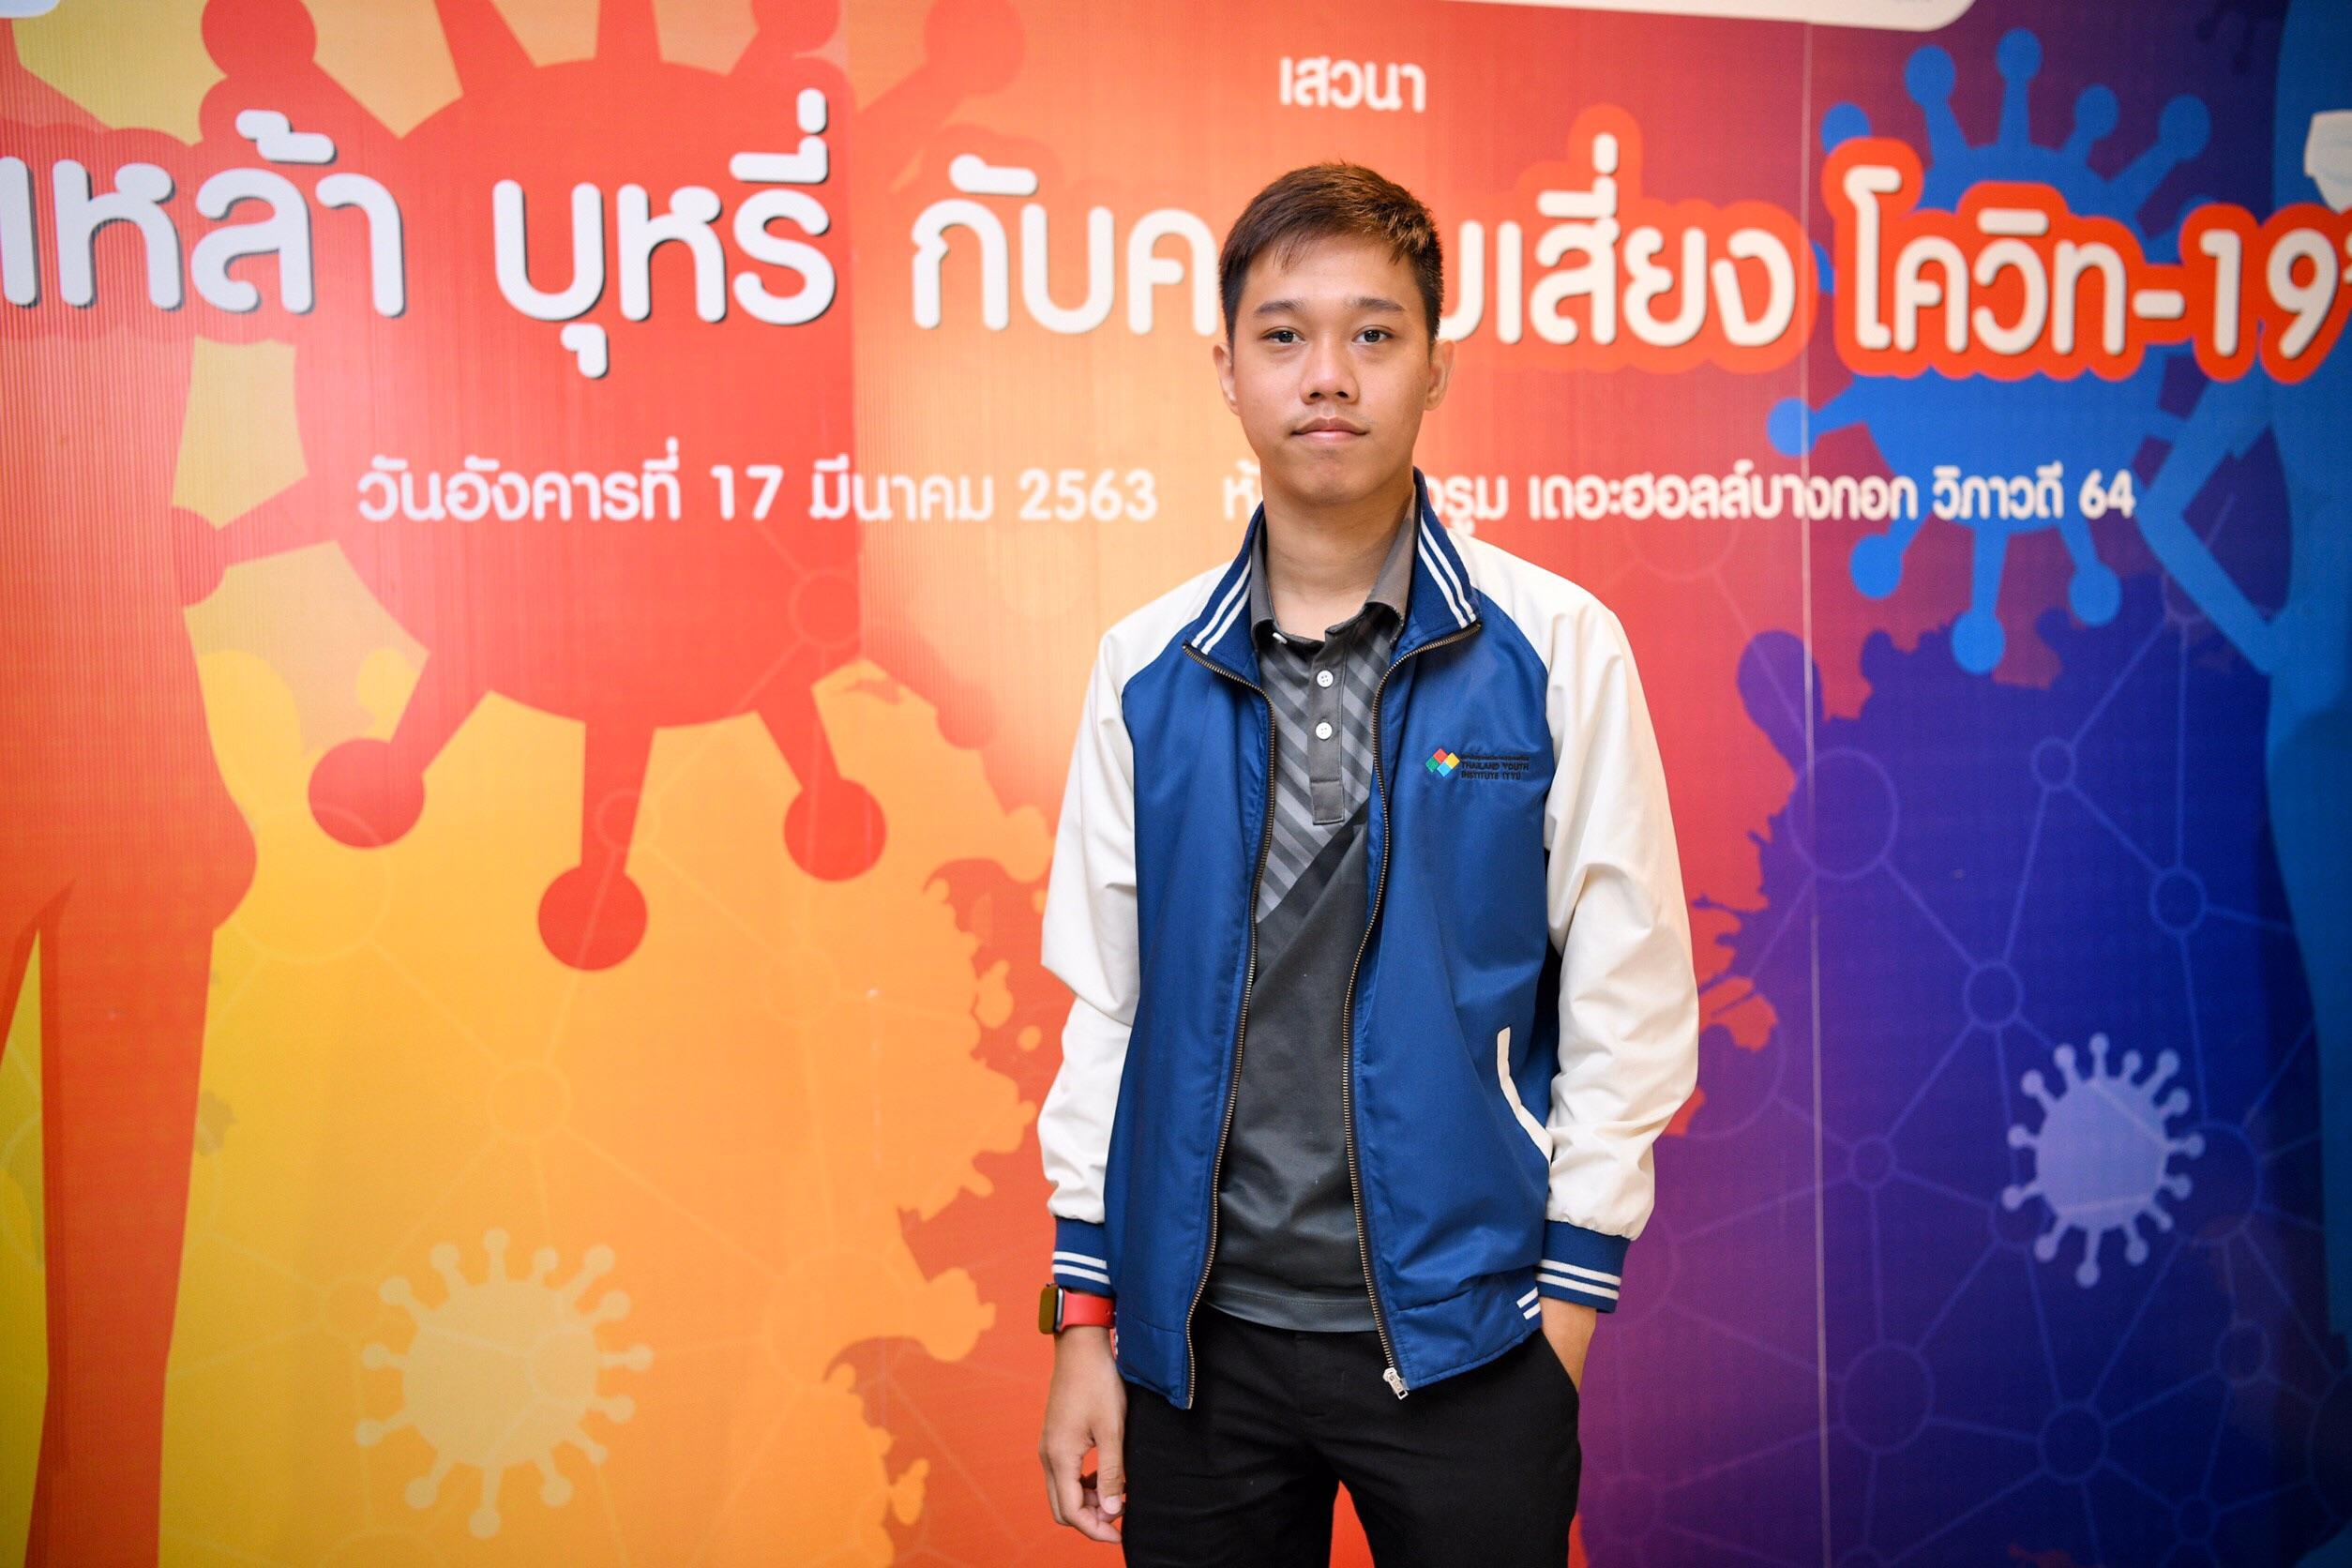 ชวนวัยรุ่นเลิกบุหรี่ หนุนแนวคิด สุขภาพดี คือของขวัญที่ดีที่สุดของครอบครัว thaihealth